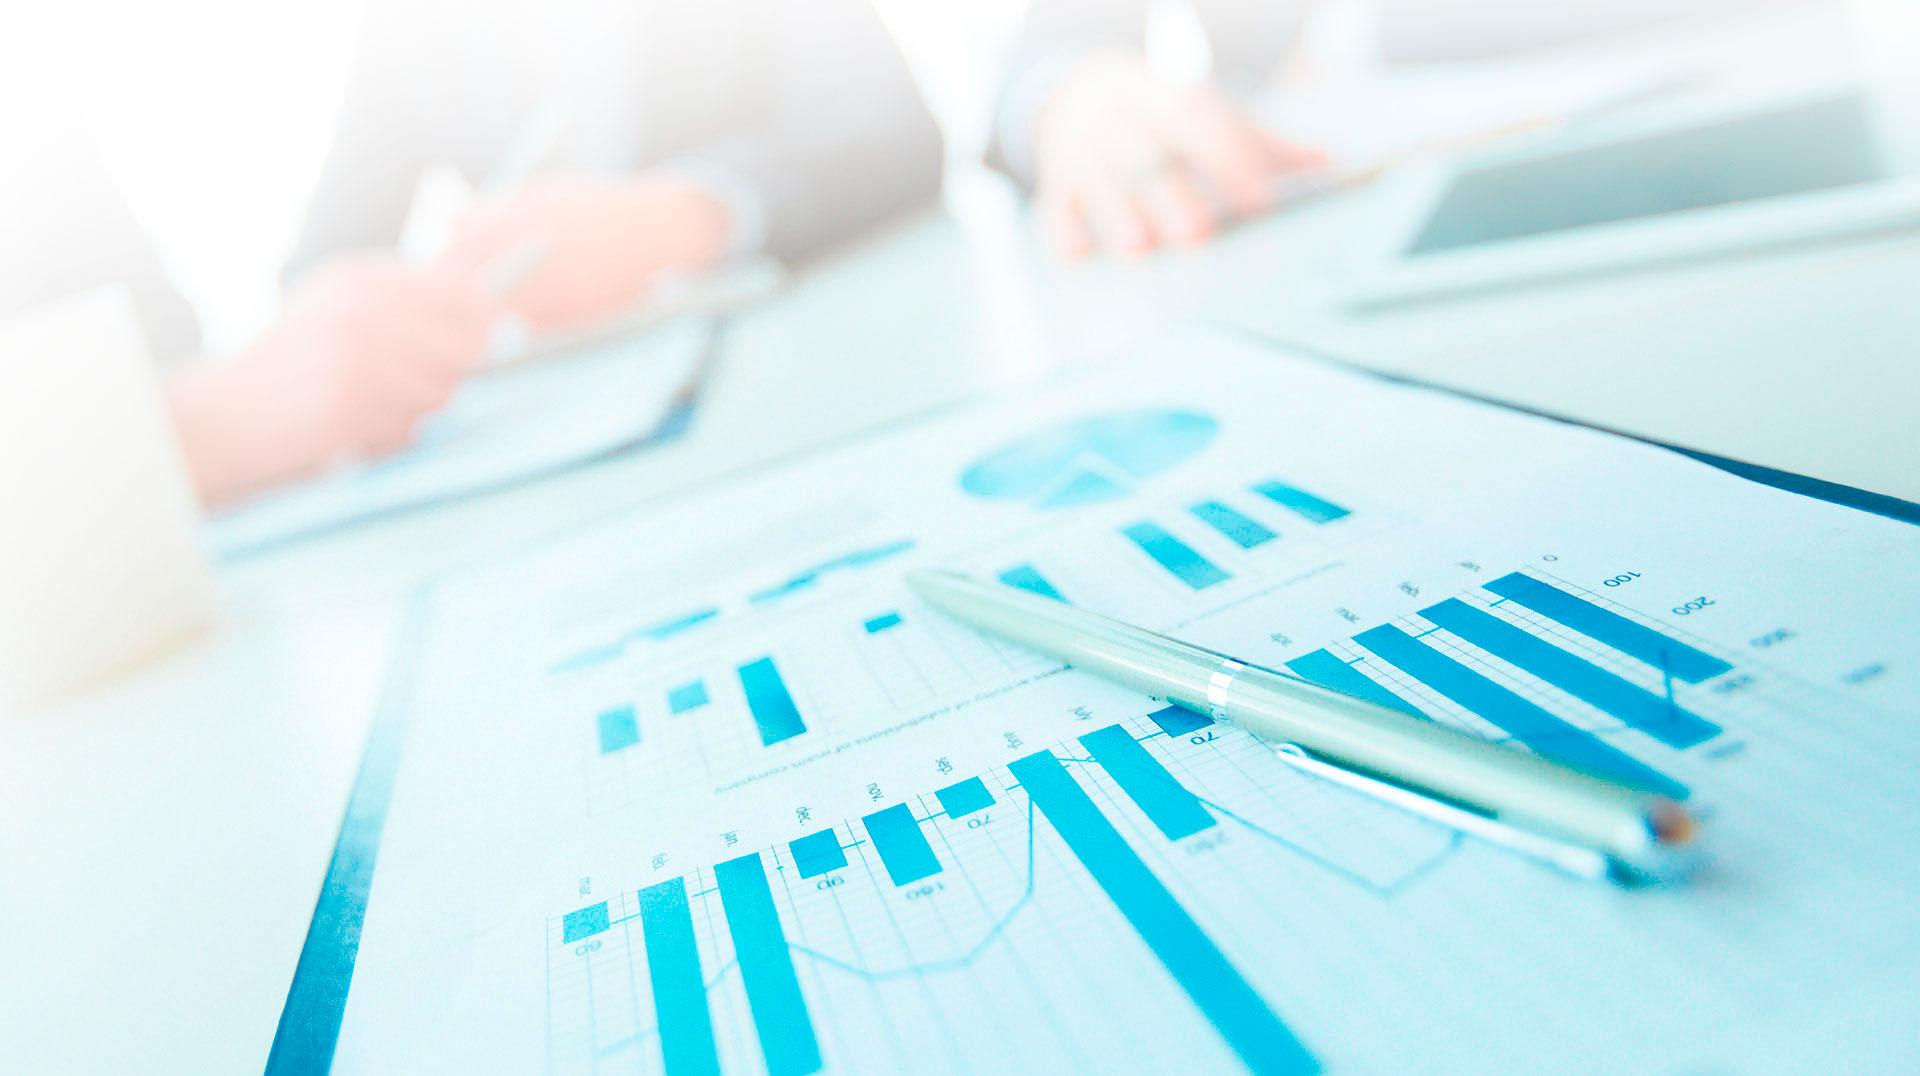 Grupo GS promociones y servicios inmobiliarios, financieros y energéticos